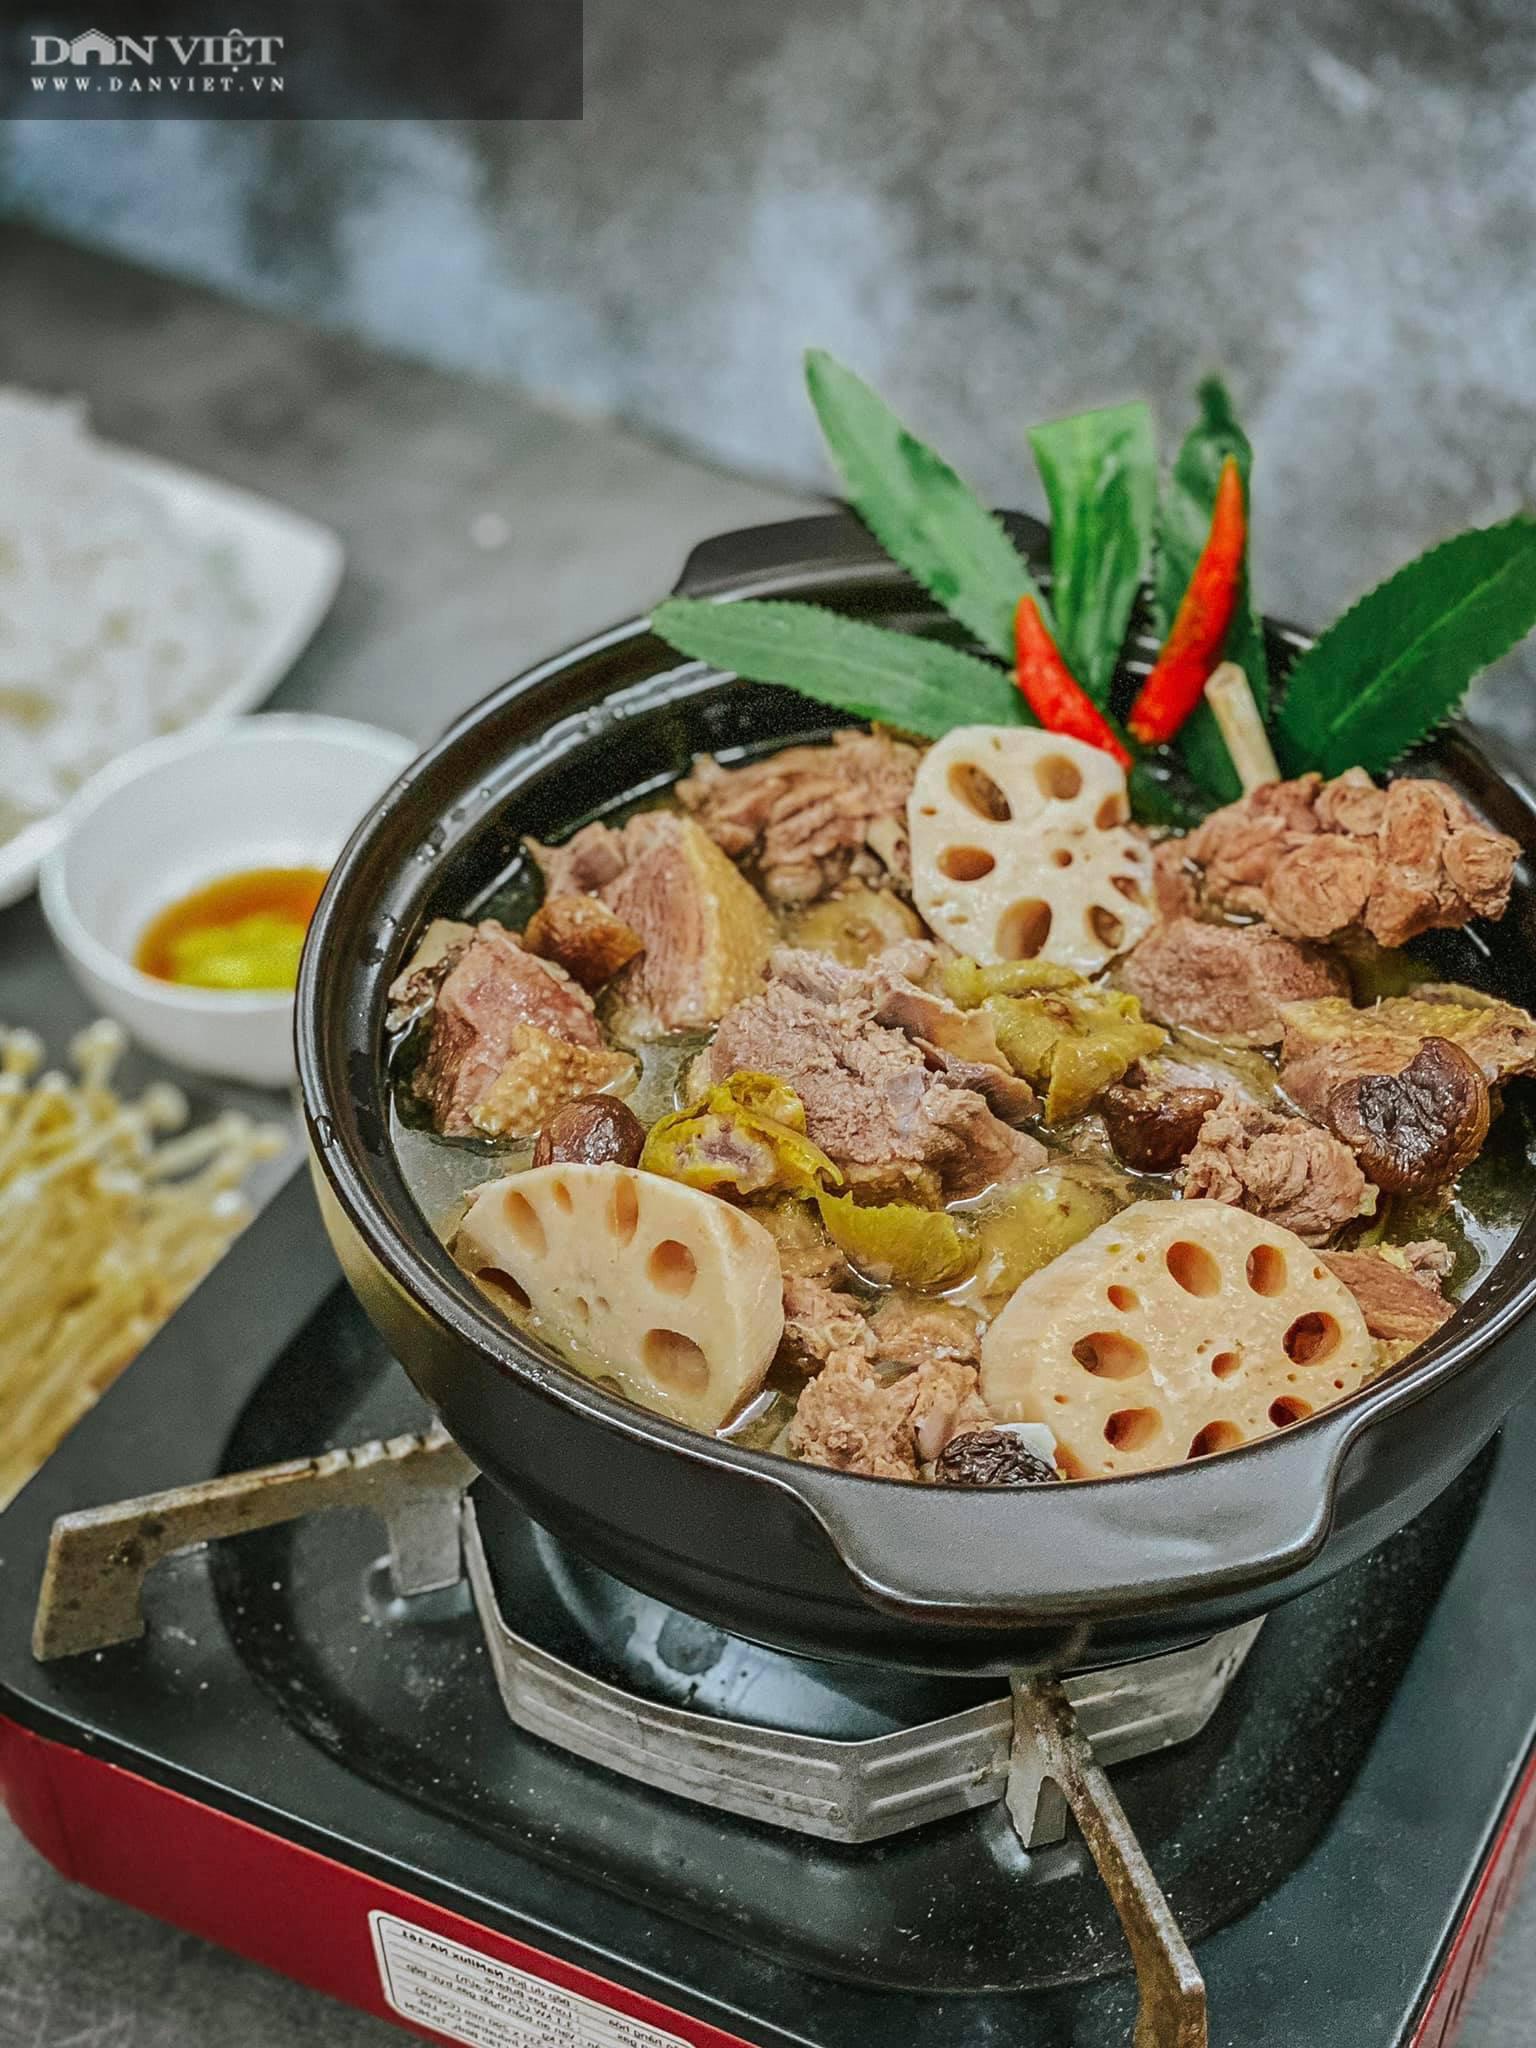 Đổi món với vịt om sấu nấu cùng củ sen và nước dừa - Ảnh 1.